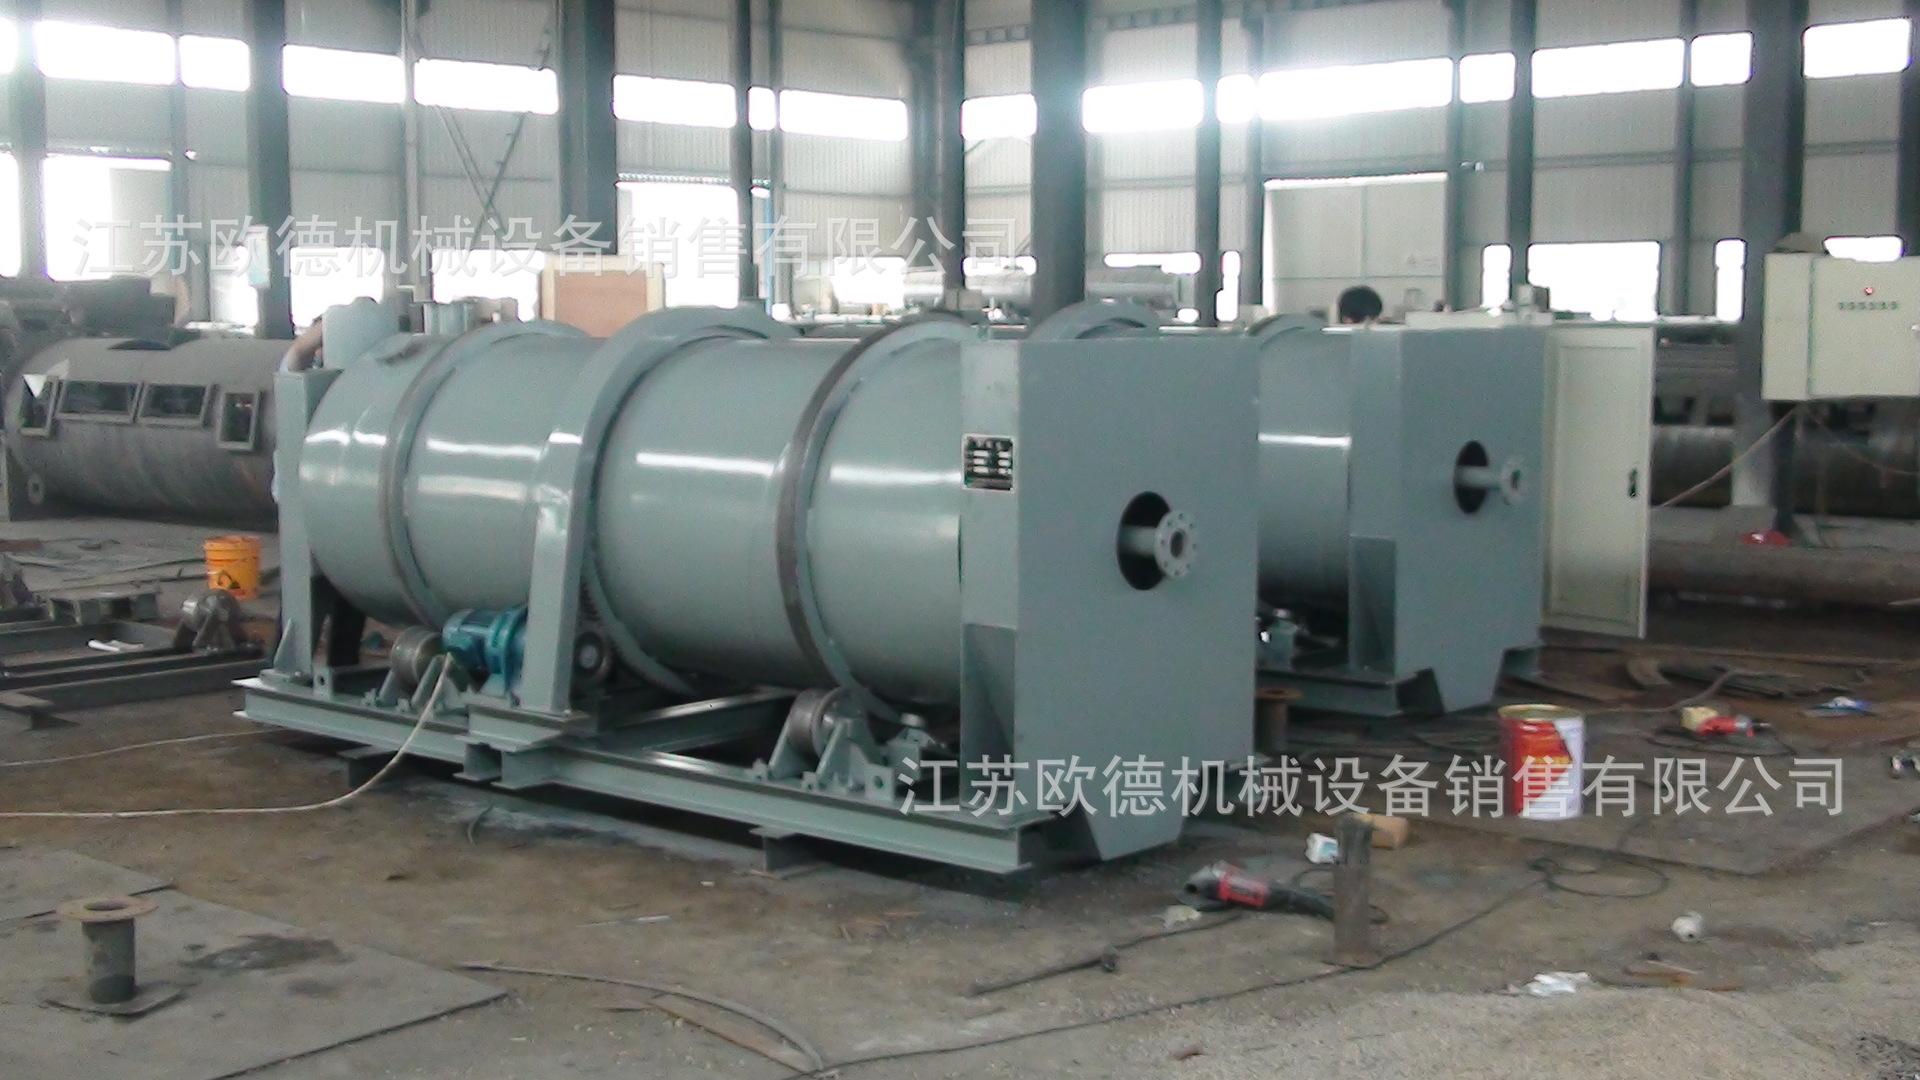 耐压式称重给煤机,胶带式称重给煤机,计量式称重给煤机